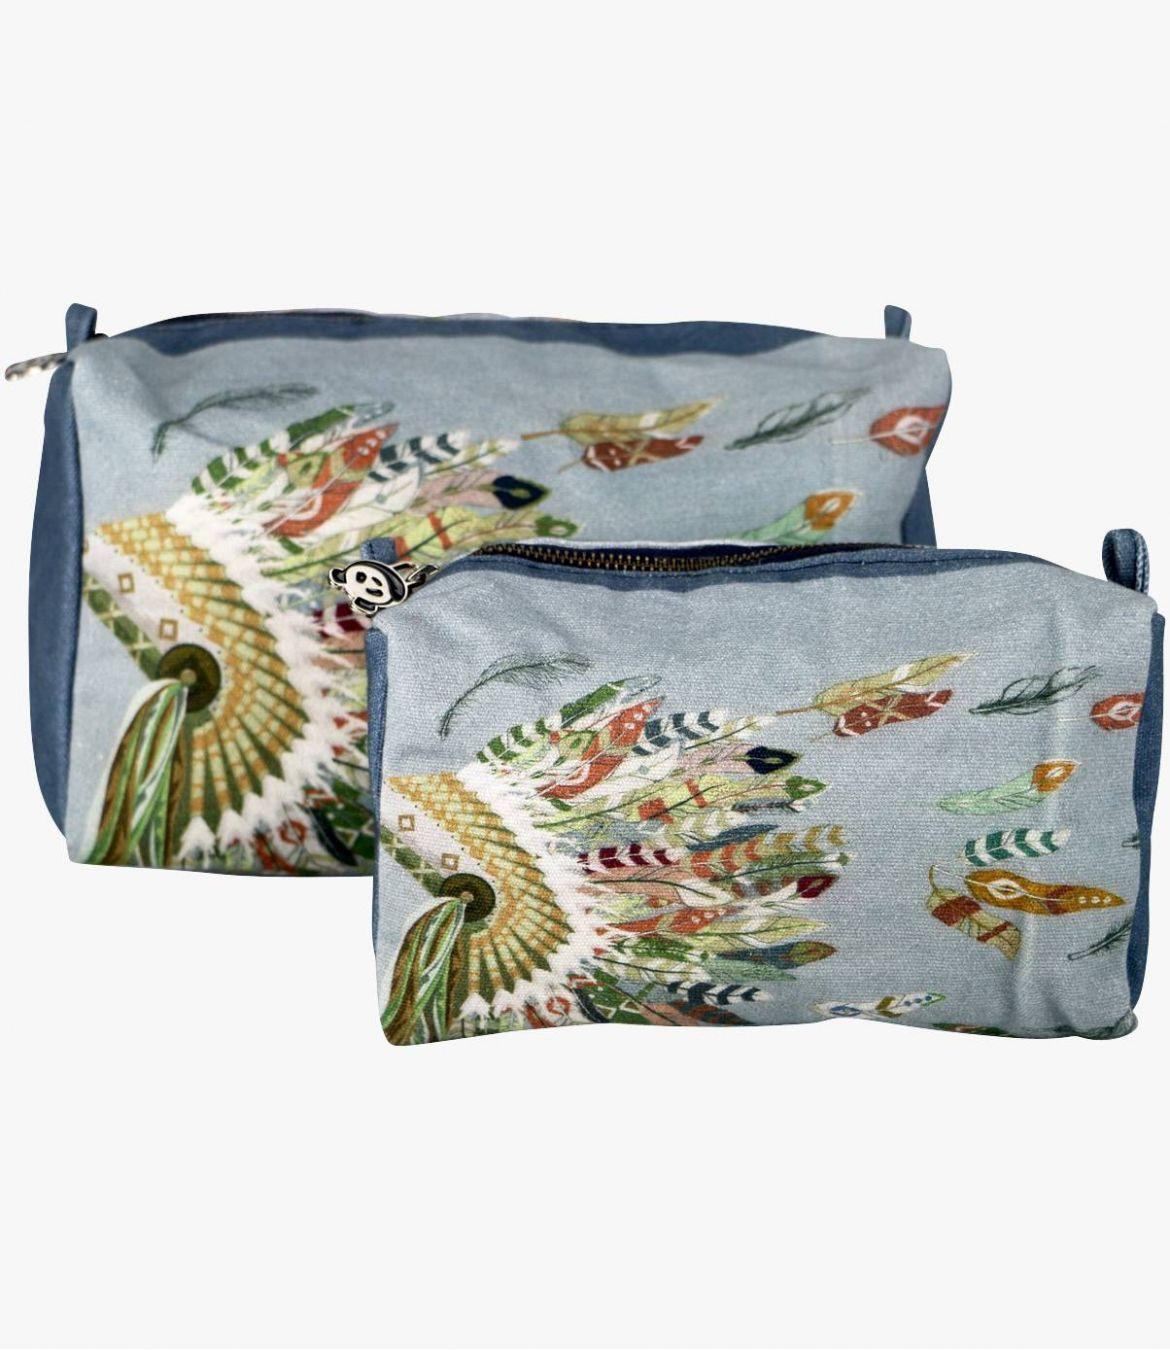 COSM - GAMME VOYAGE Women's Cotton Pouch 20x7x11cm / 26x14x14cm Storiatipic - 4